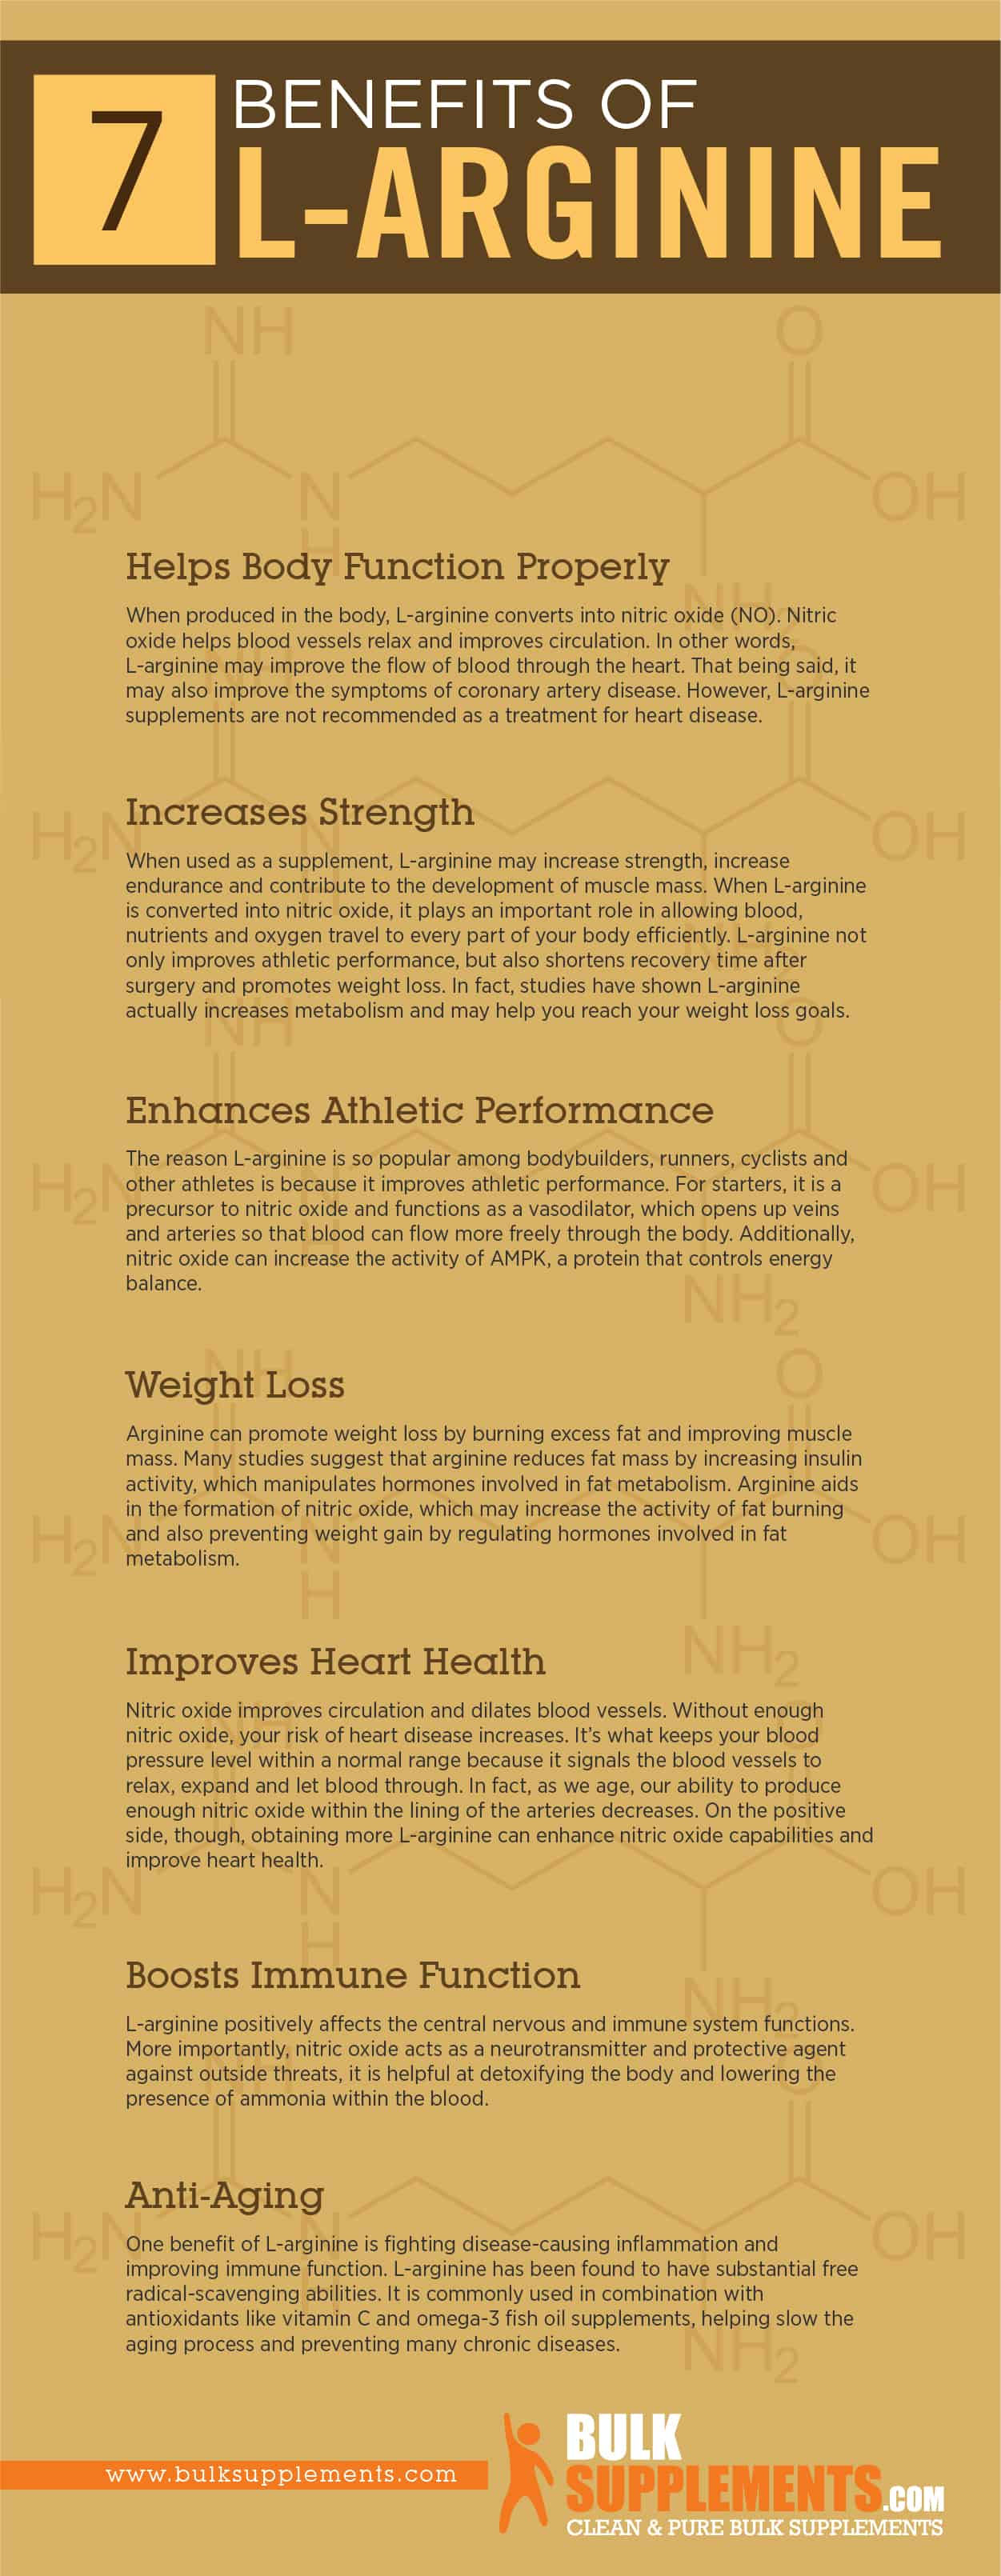 L-Arginine: Benefits, Side Effects & Dosage